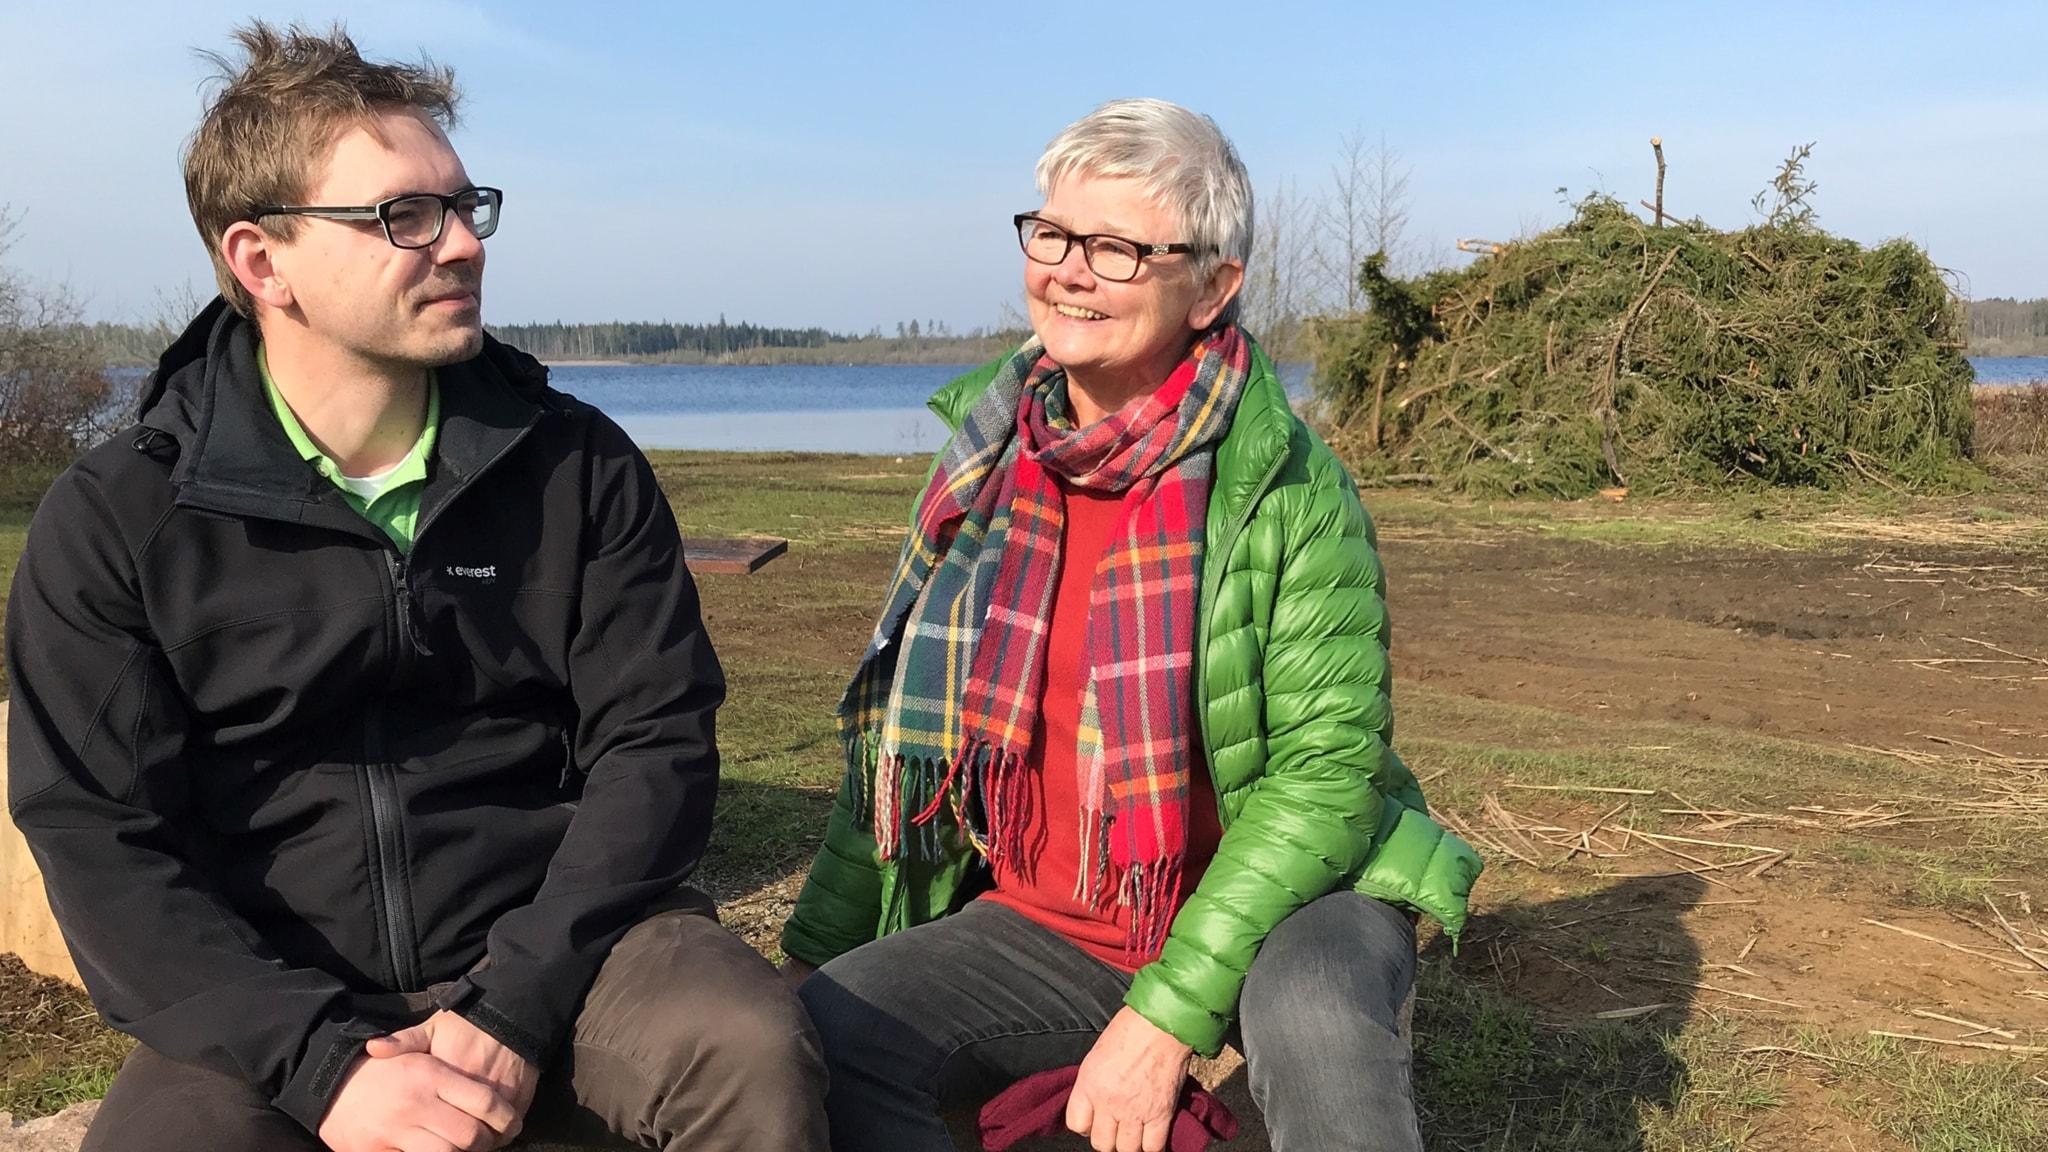 Jakob Sträng och Gunnel Förander sitter på en bänk framför riset som ska tändas till majbrasan, man ser också sjön i bakgrunden.